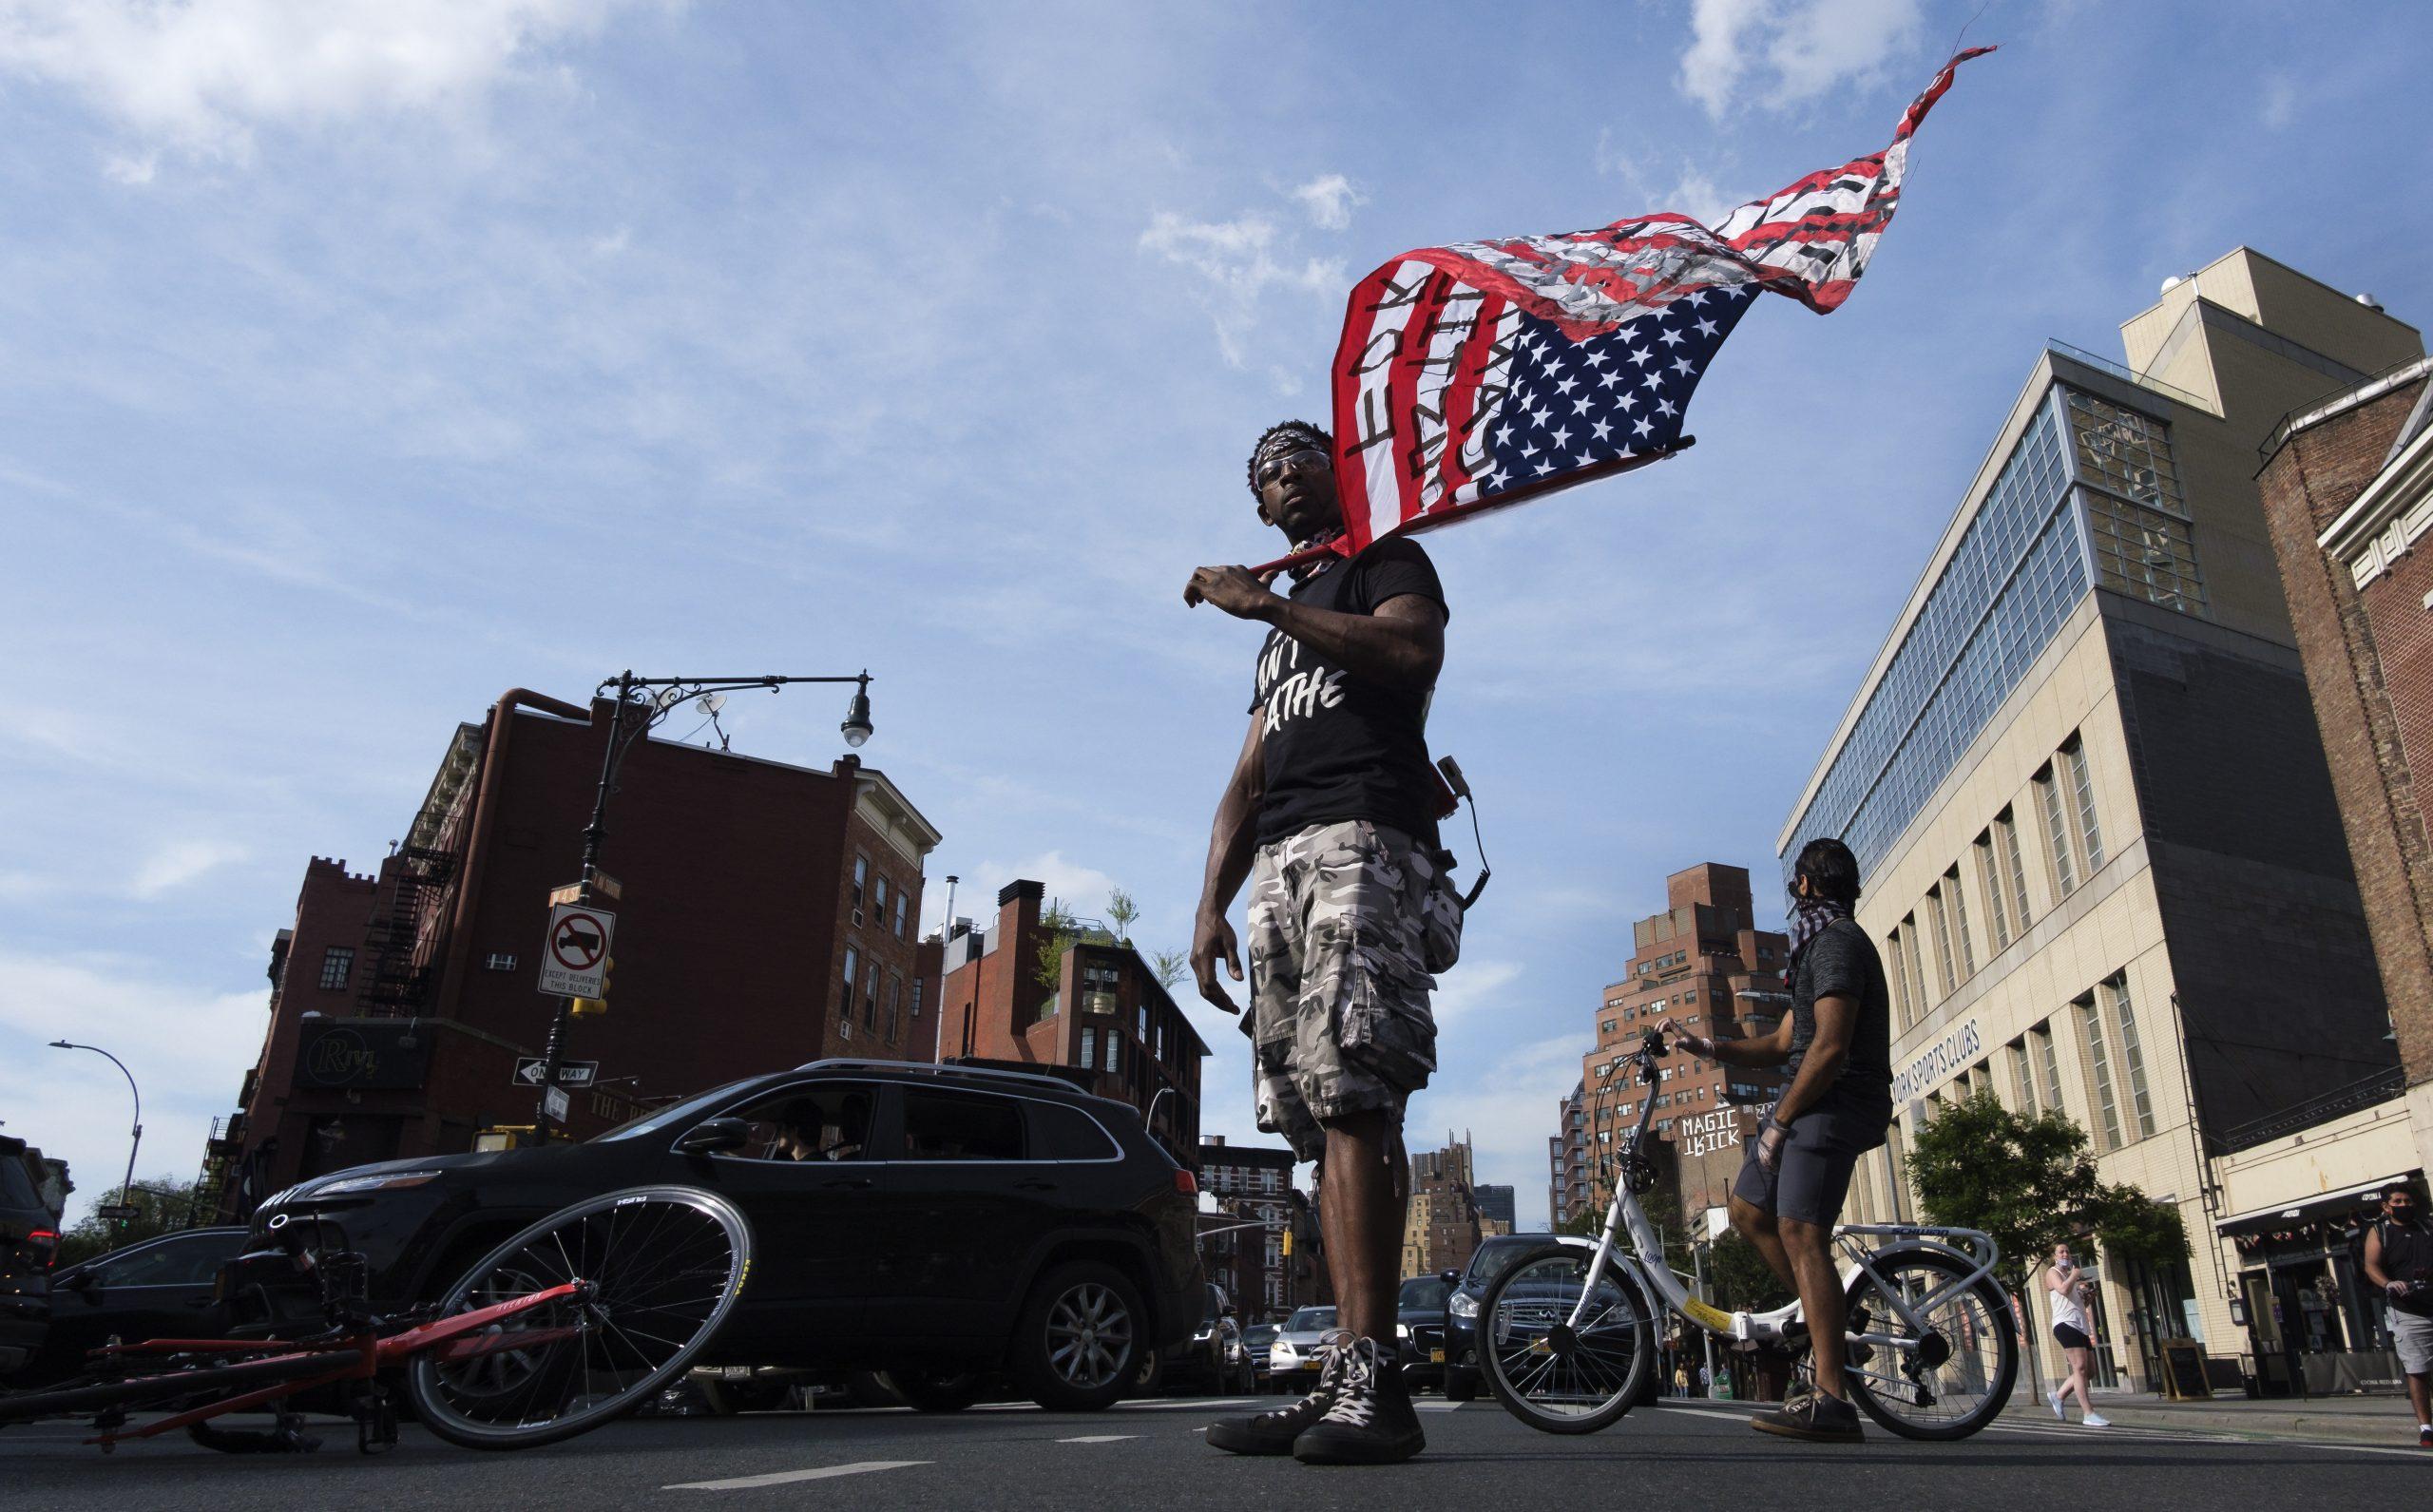 Budapost: Gedanken über die Unruhen in den USA post's picture